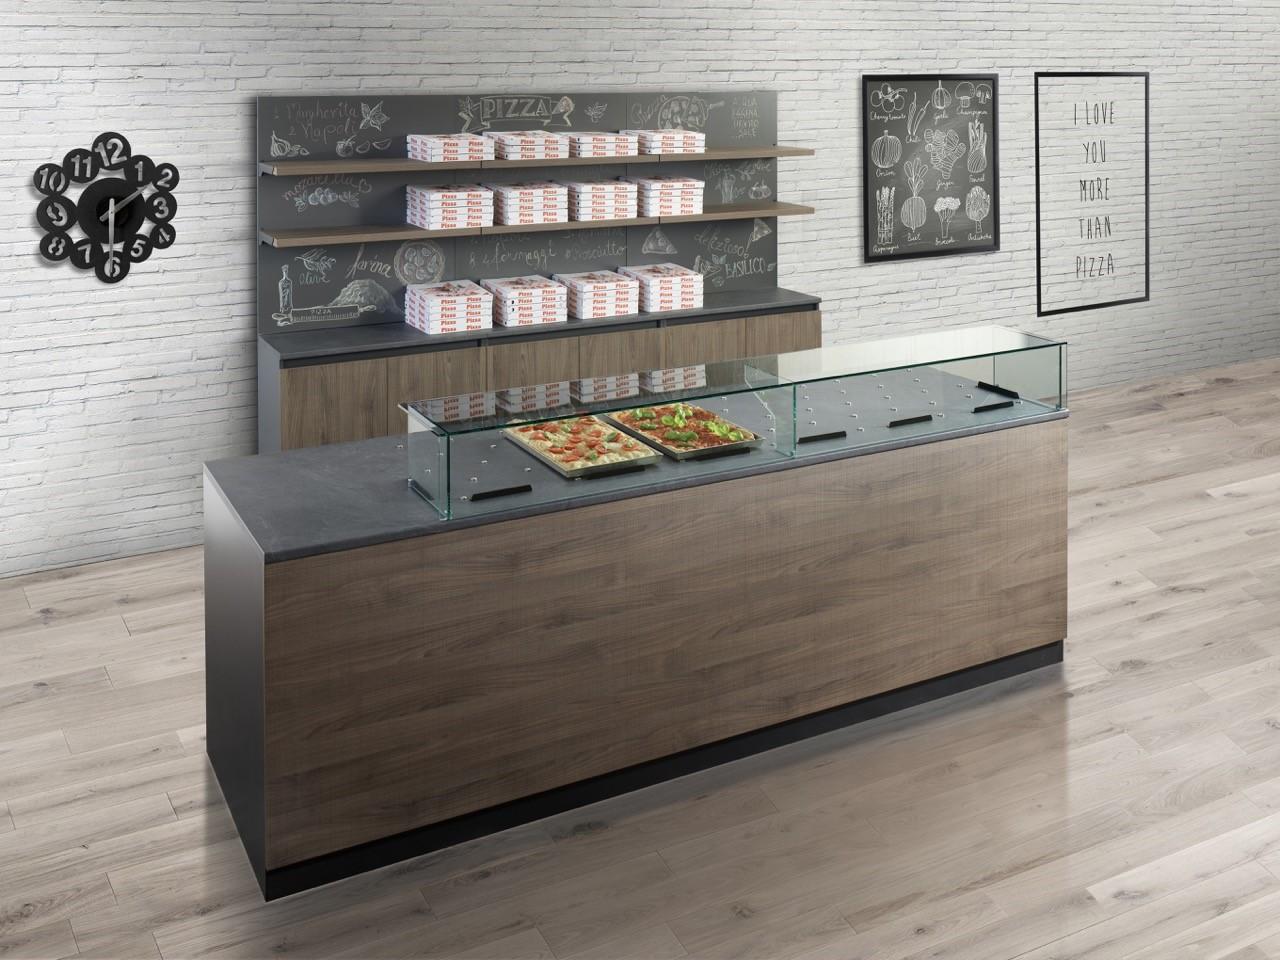 Bakerycafe arredamenti per panetteria panificio bar for Pizzeria arredamento